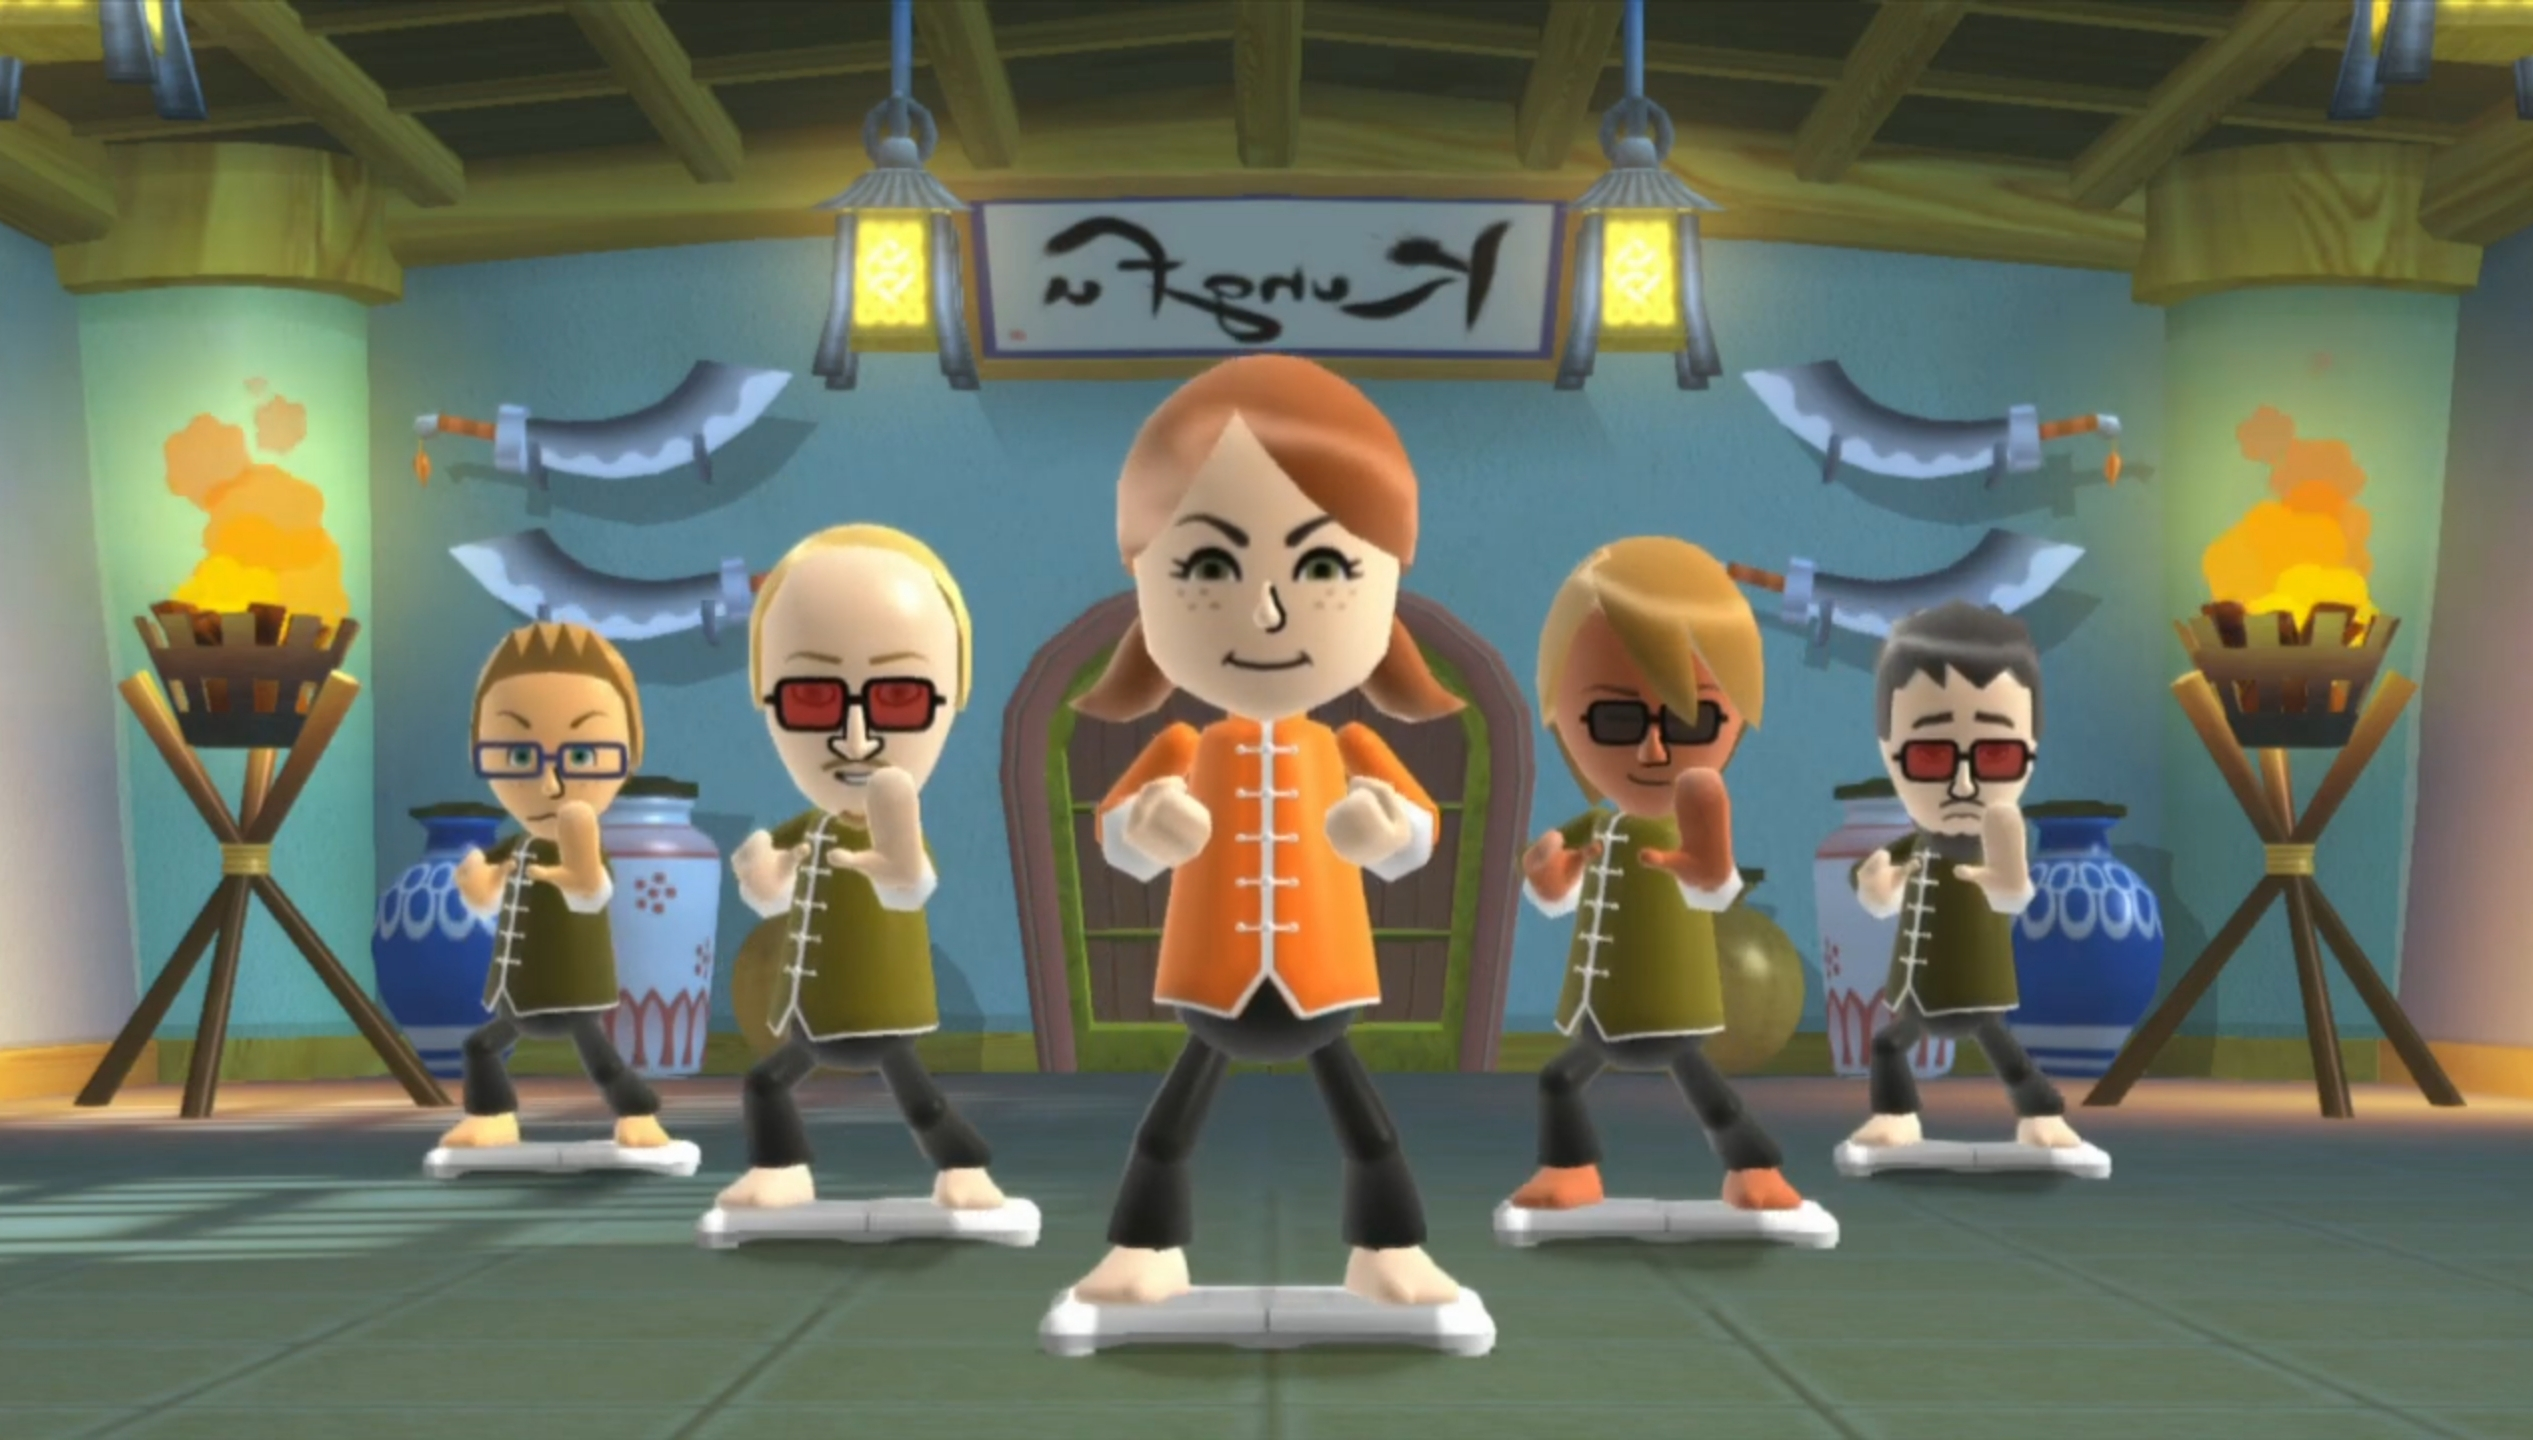 Rhythm Kung Fu